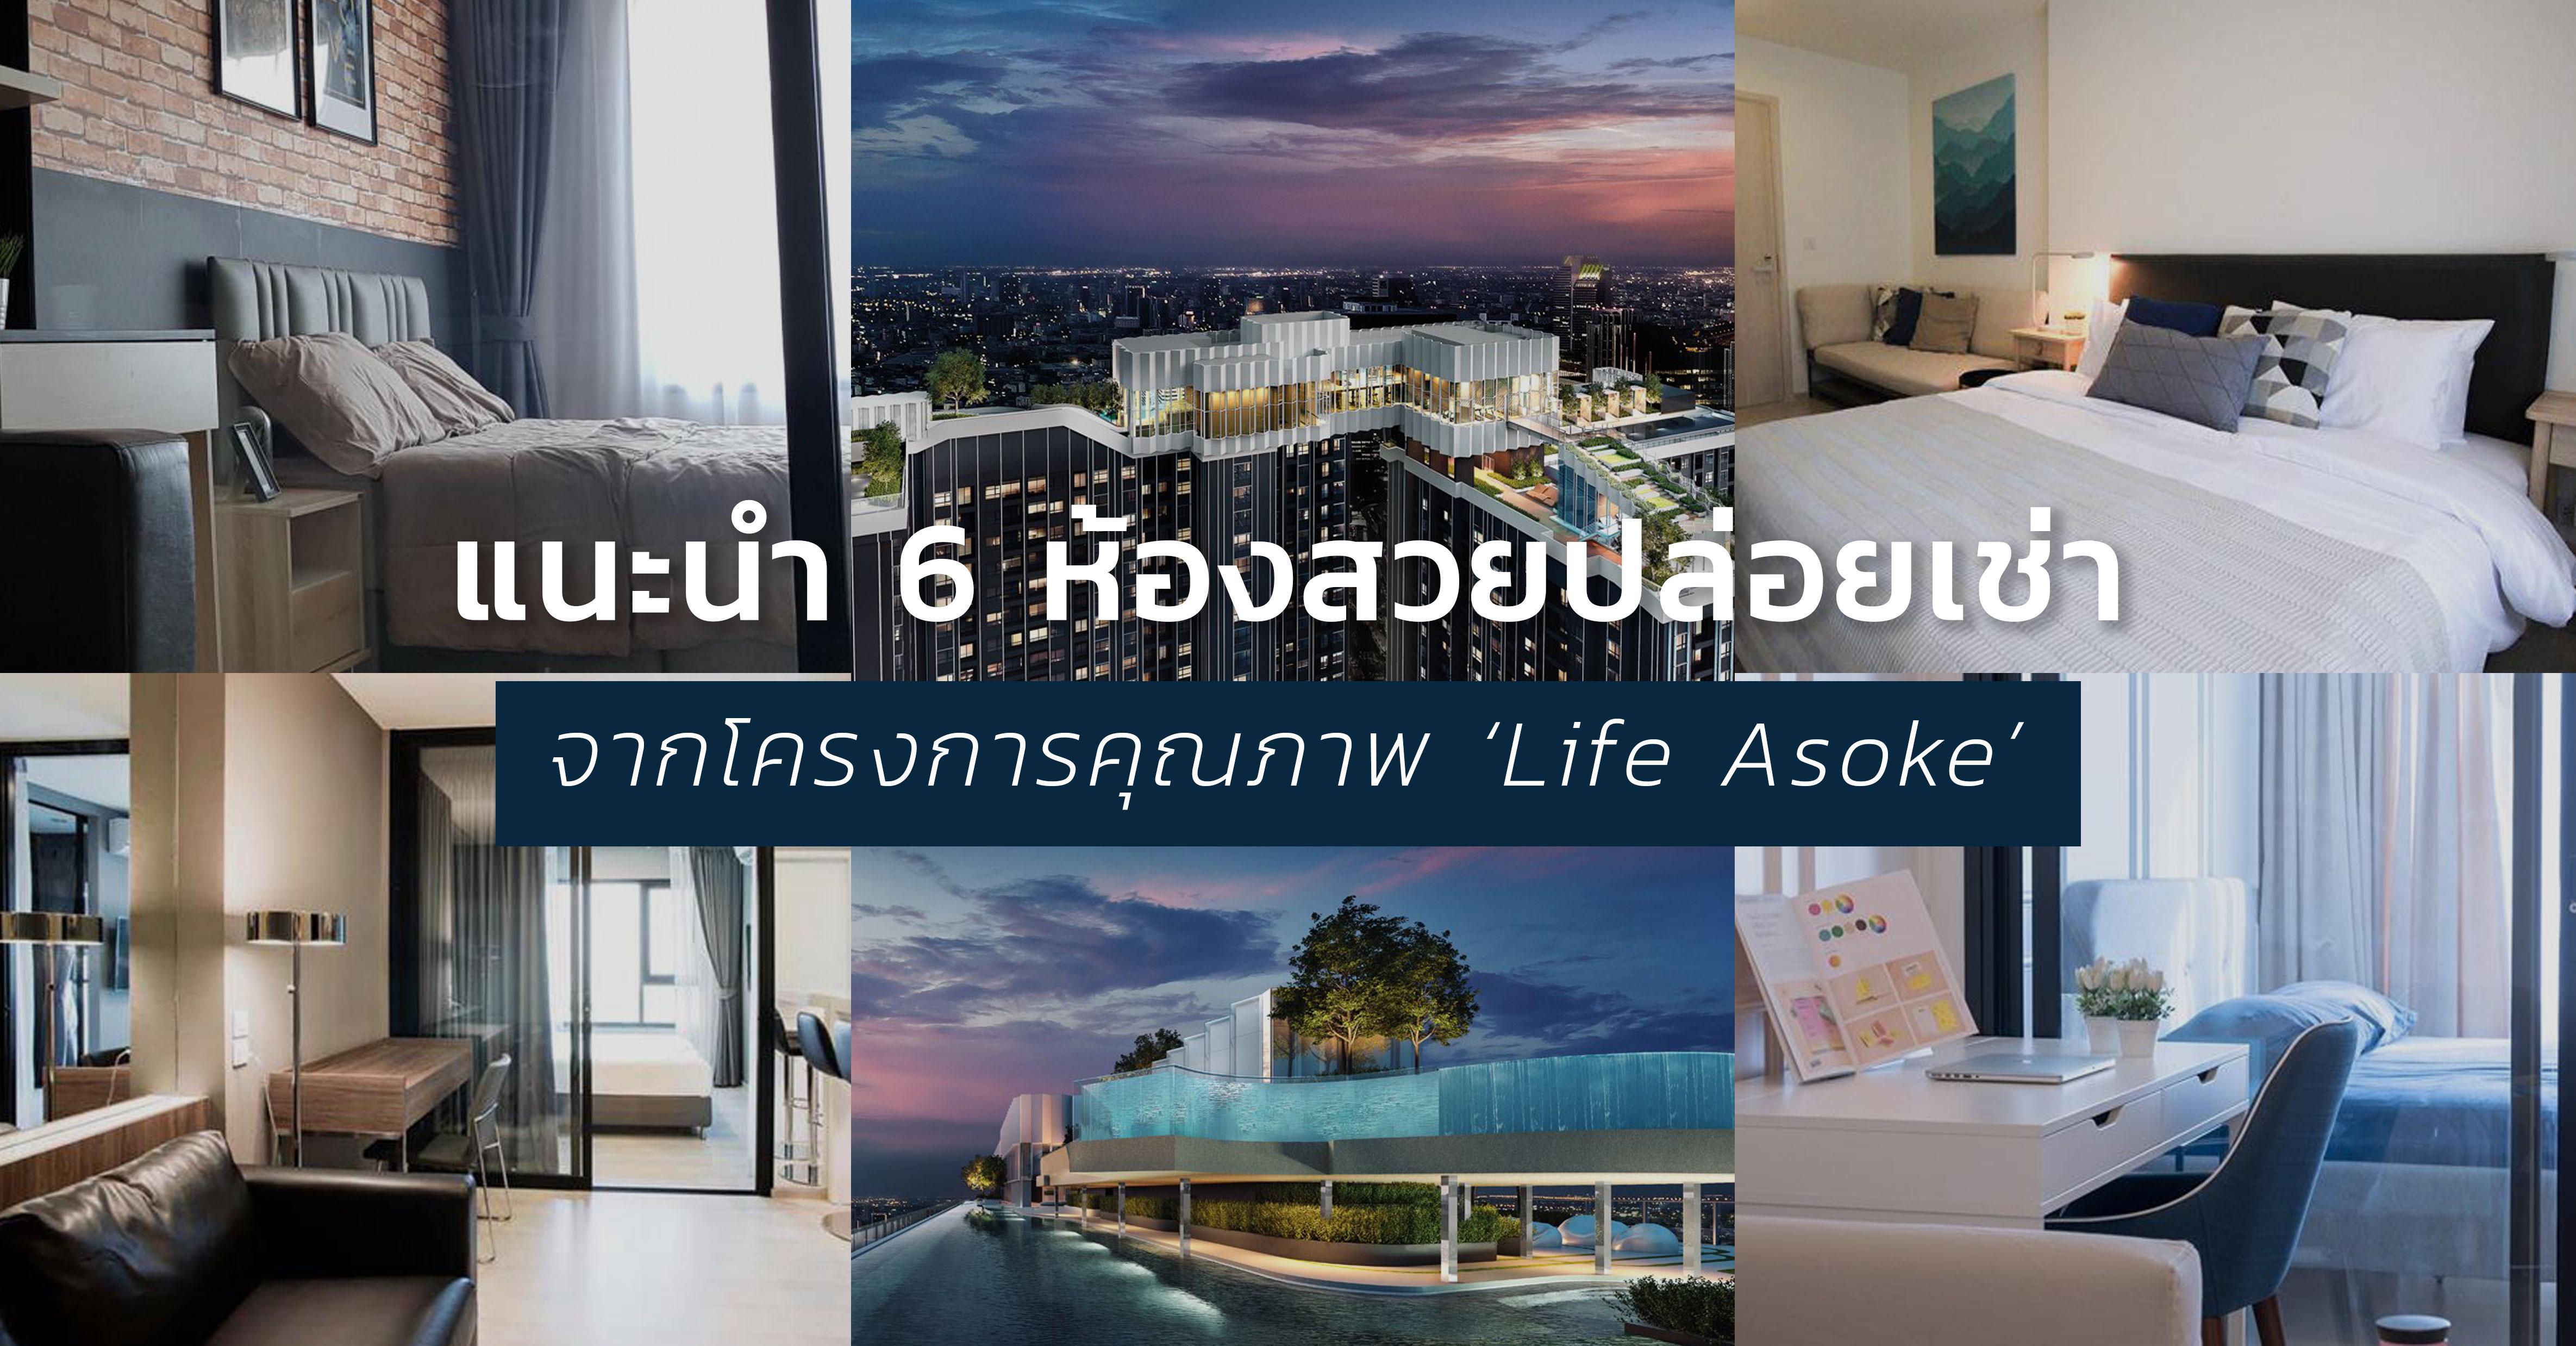 รูปบทความ แนะนำ 6 ห้องสวยปล่อยเช่า พร้อมอยู่จาก Life Asoke